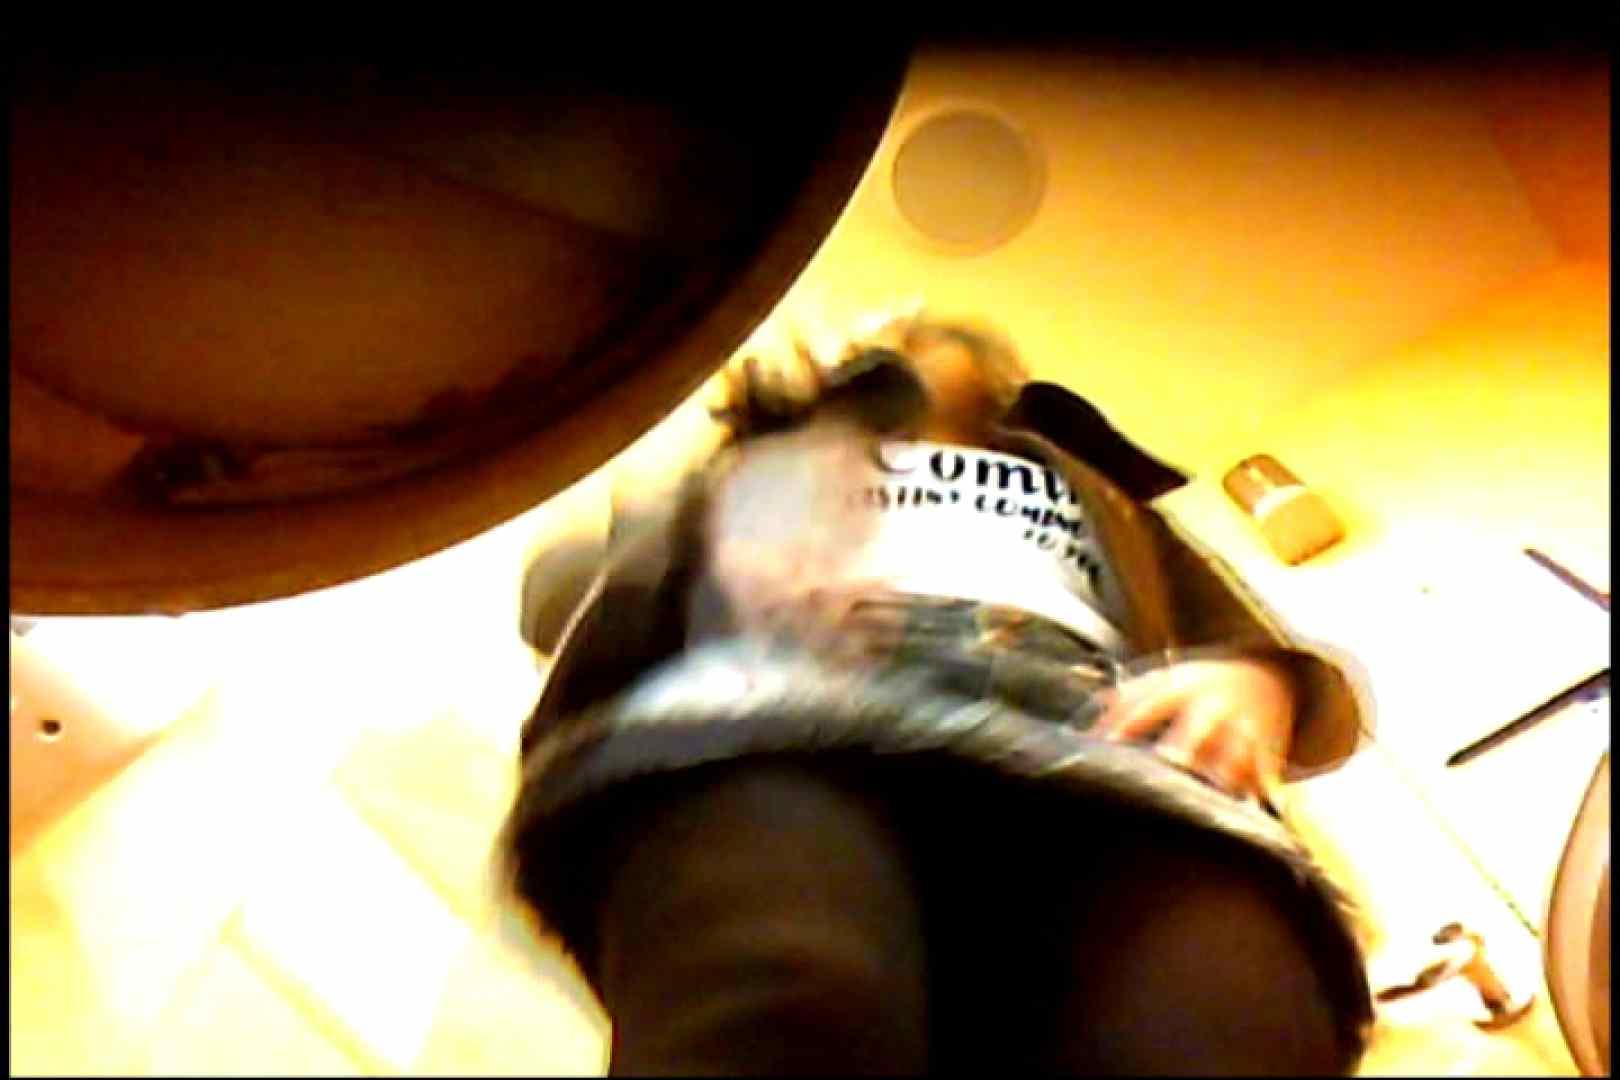 画質向上!新亀さん厠 vol.36 黄金水 オマンコ無修正動画無料 94PIX 64